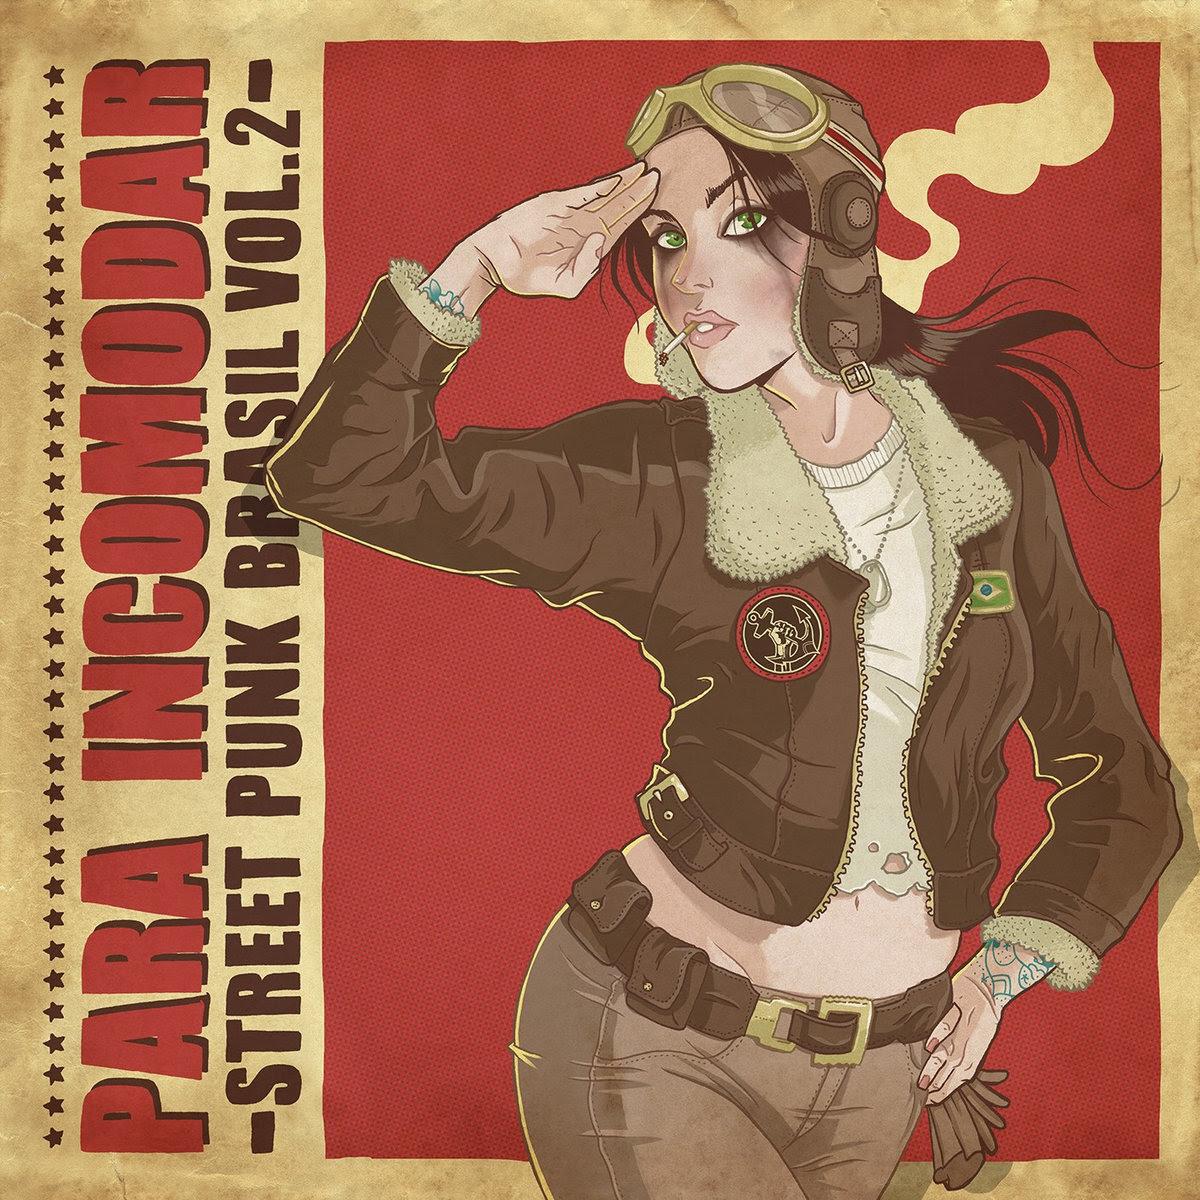 b0e15f14c34 Ouça coletânea de punk rock